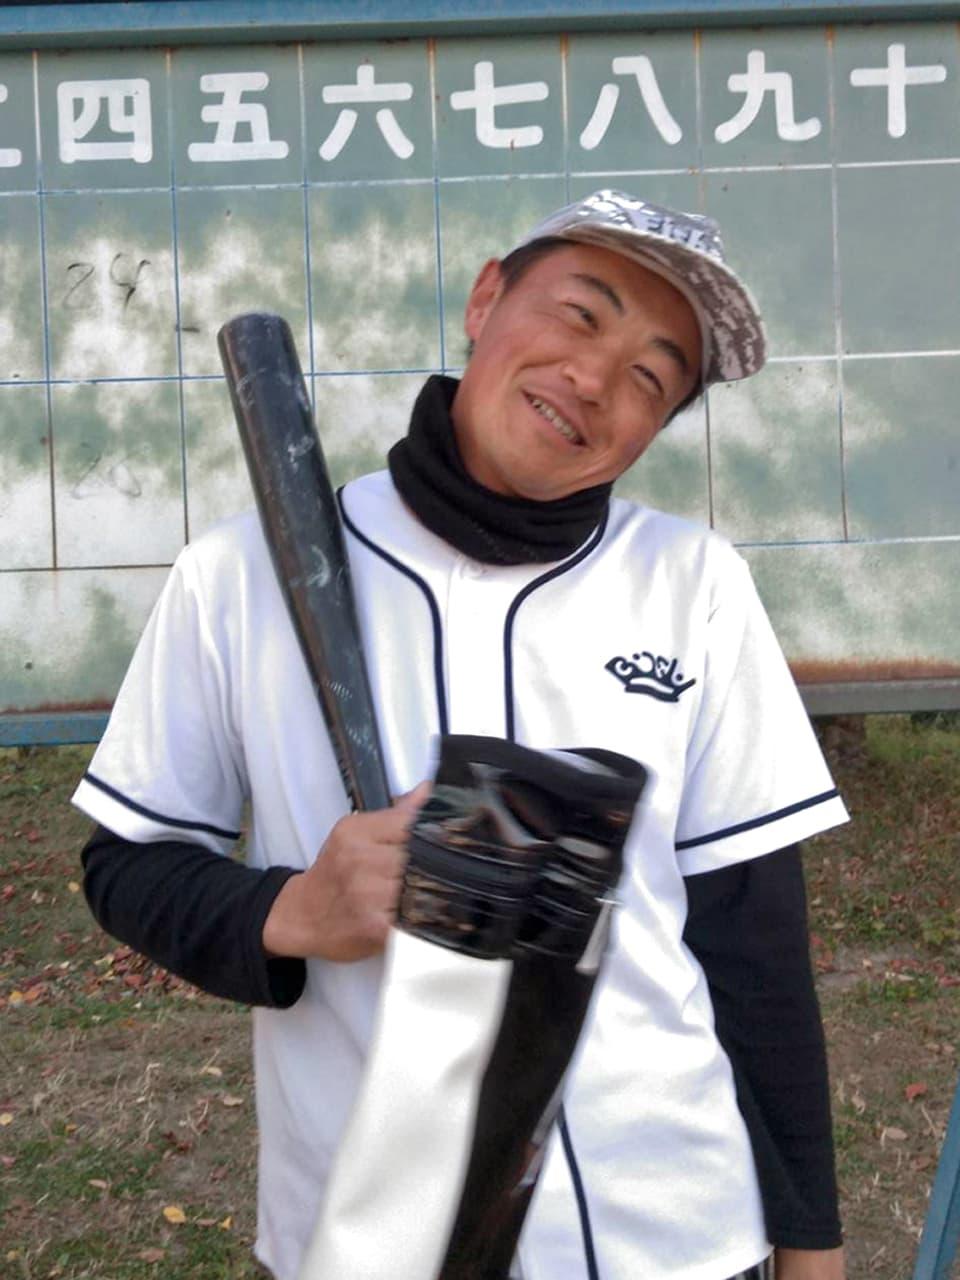 野球のユニフォームを着てバットを持つ高橋の写真